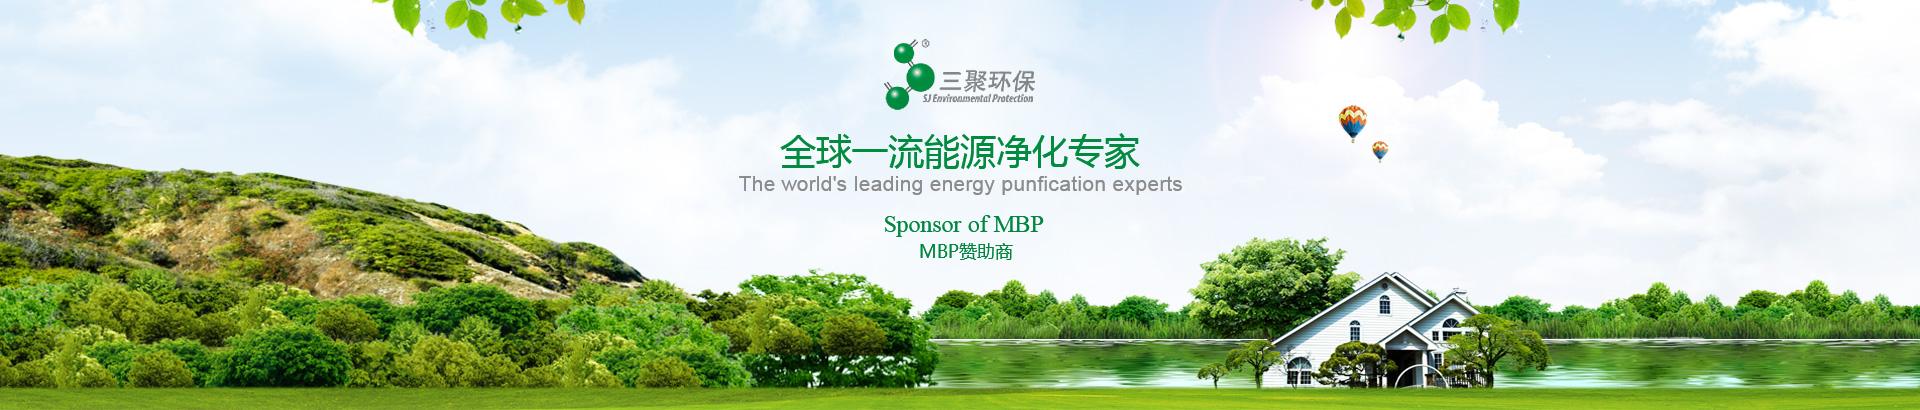 MBP再报喜讯:三聚环保正式成为MBP赞助商